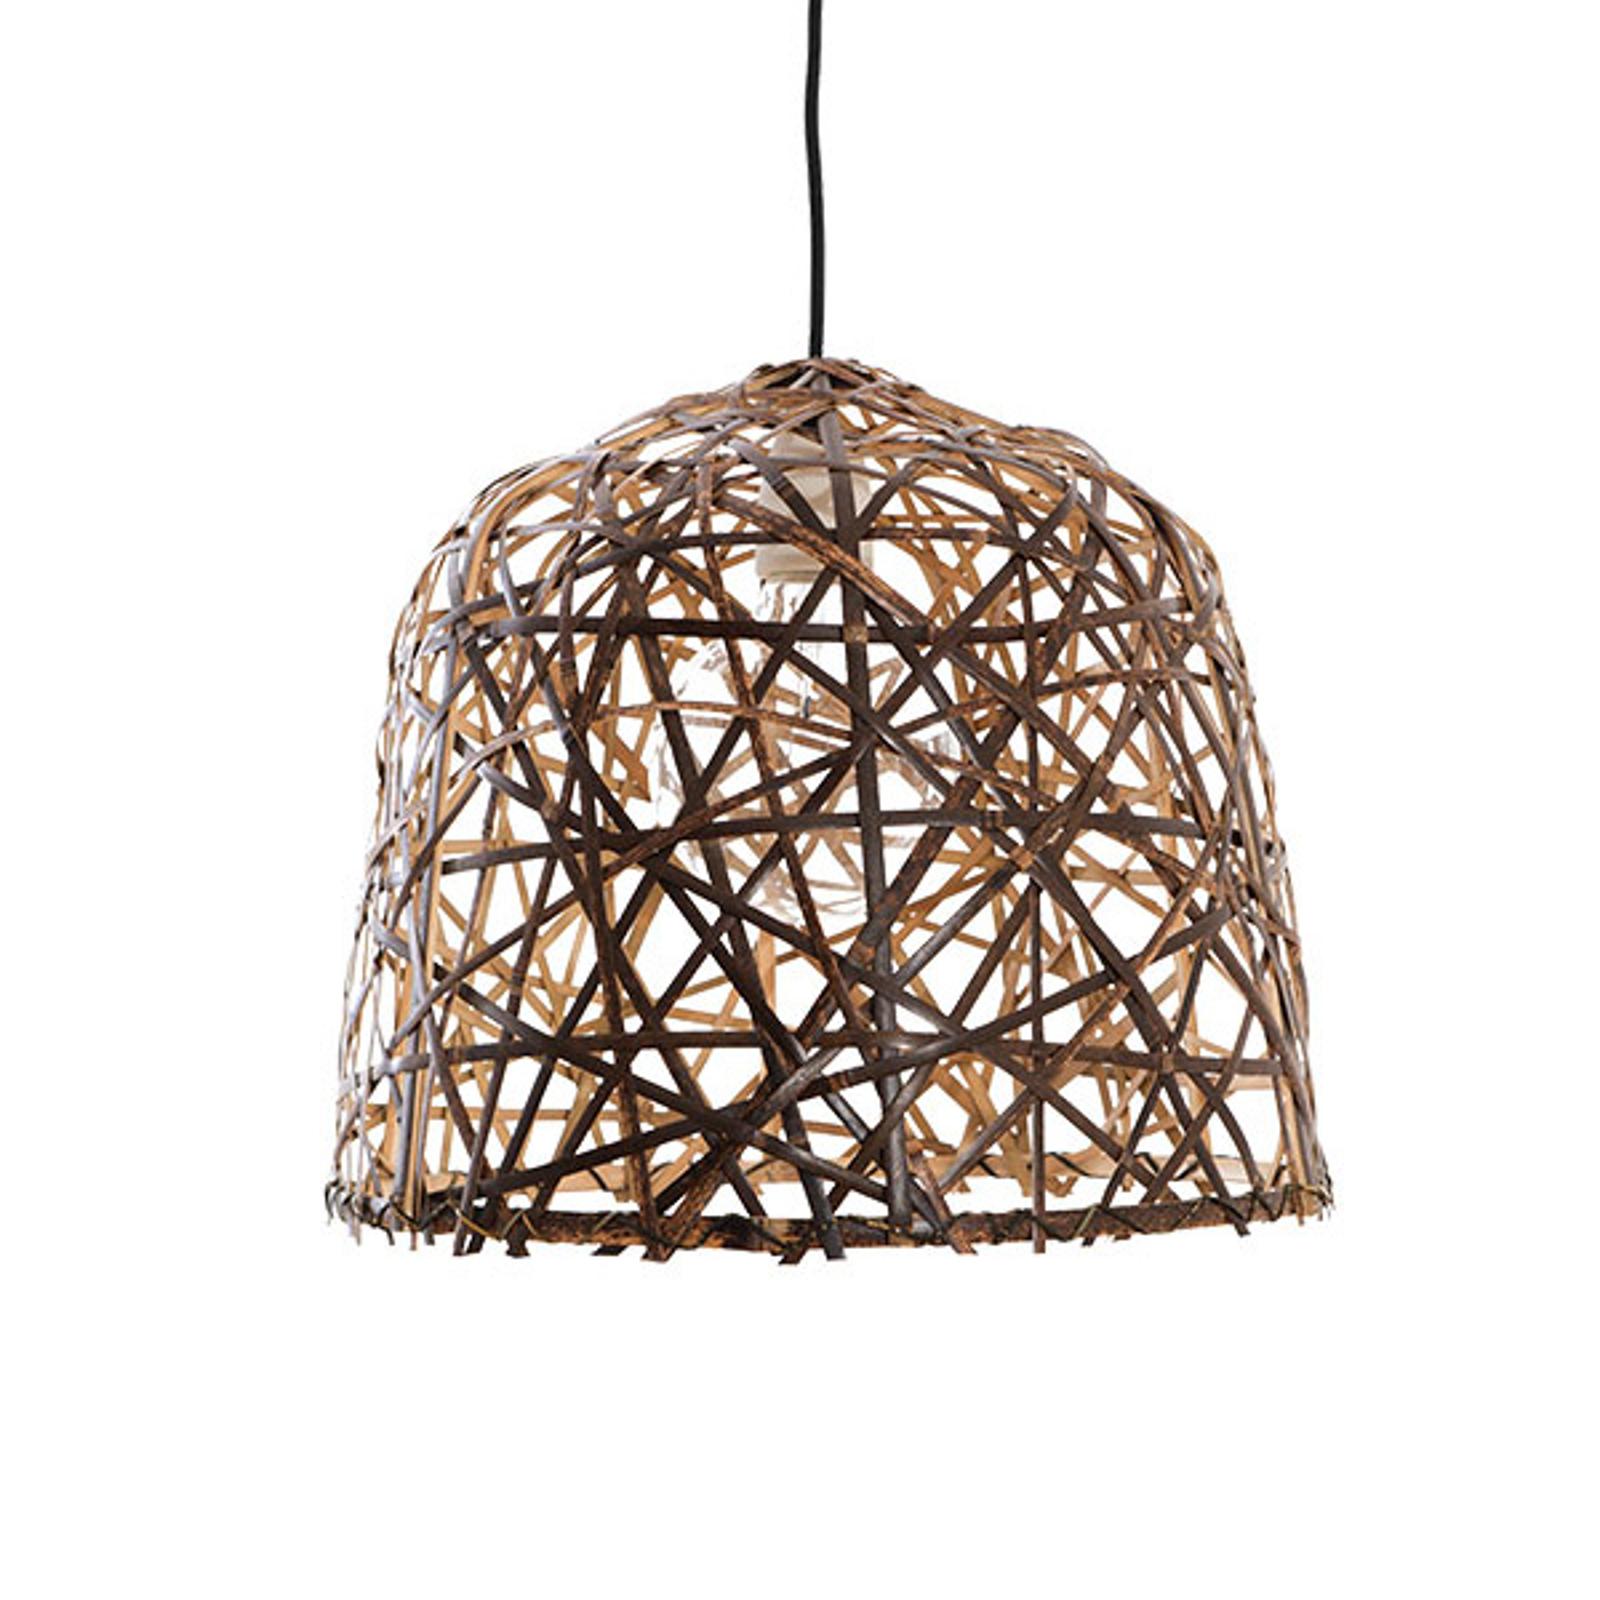 Lampa wisząca Black Bird's Nest small z bambusa